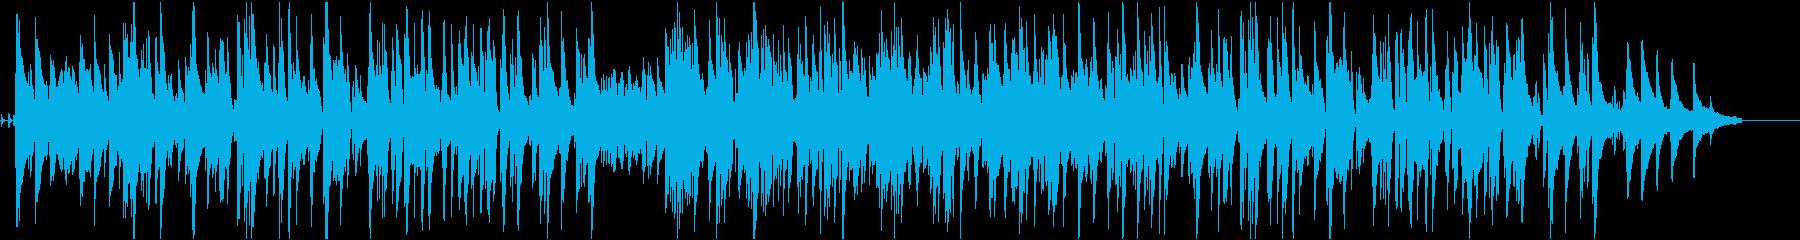 不思議かわいいジャズの再生済みの波形